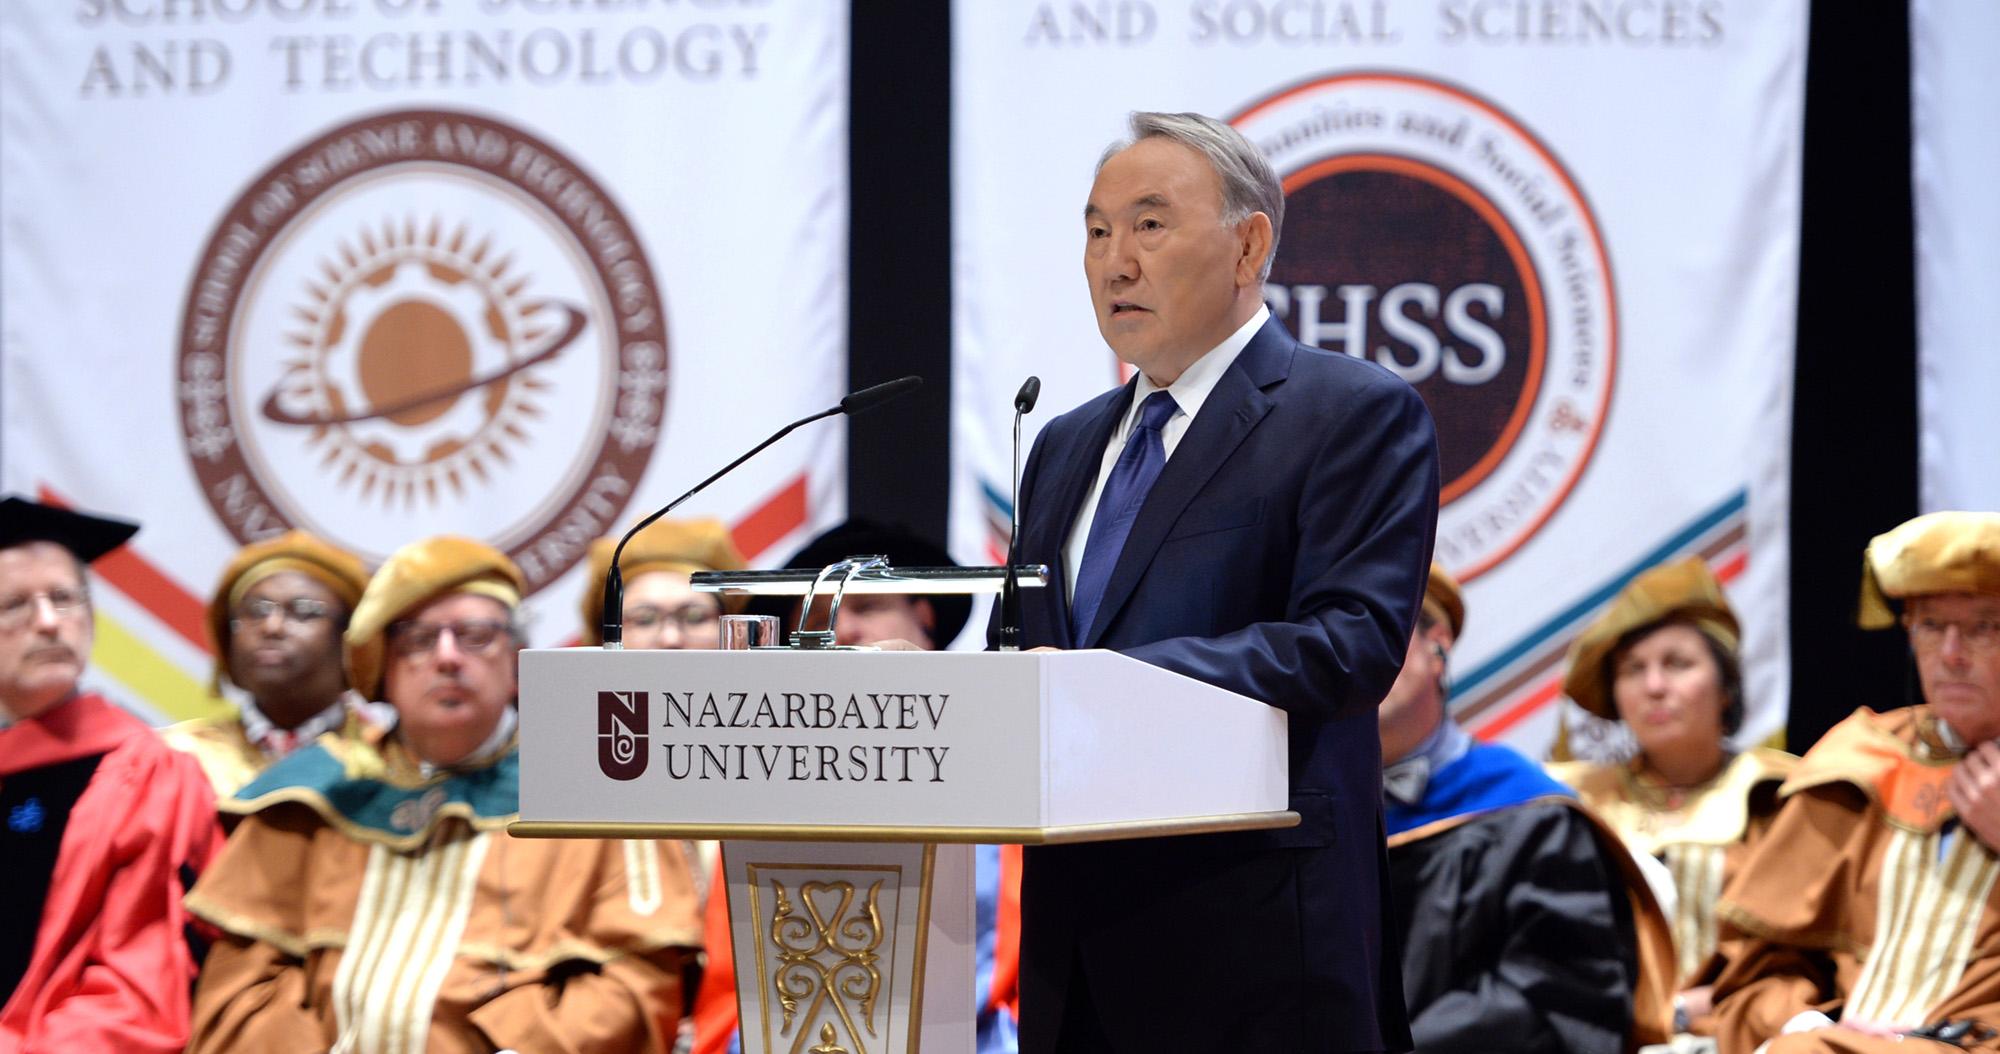 Il presidente kazako Nursultan Nazarbayev alla Nazarbayev Unviersity. Fonte: The Astana Times -